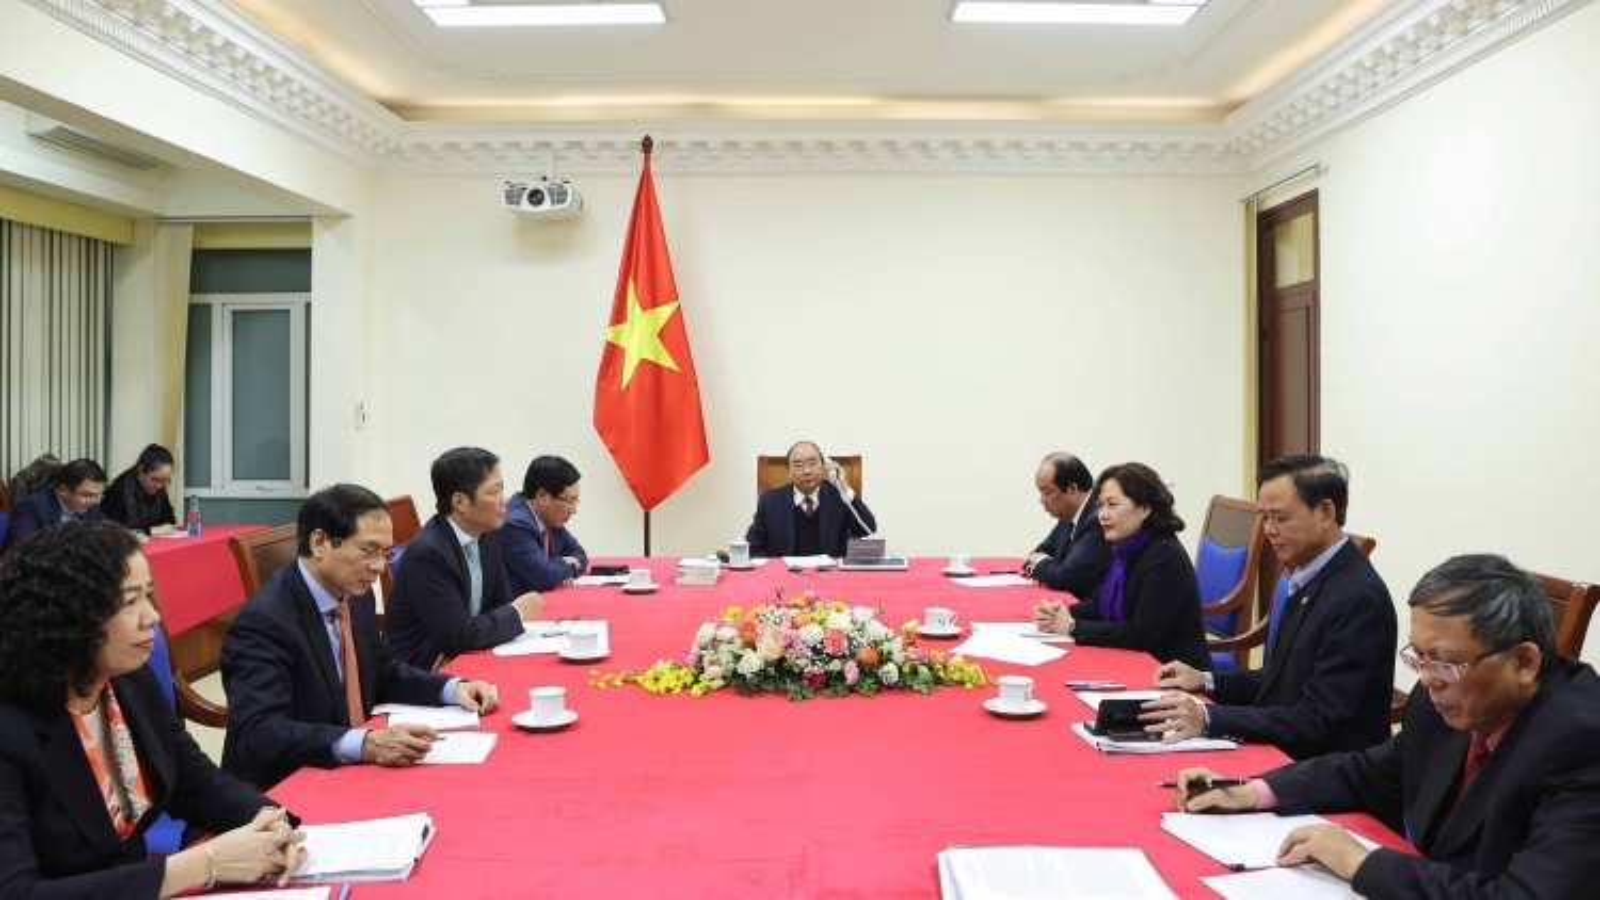 Thủ tướng Nguyễn Xuân Phúc khẳng định Việt Nam không thao túng tiền tệ